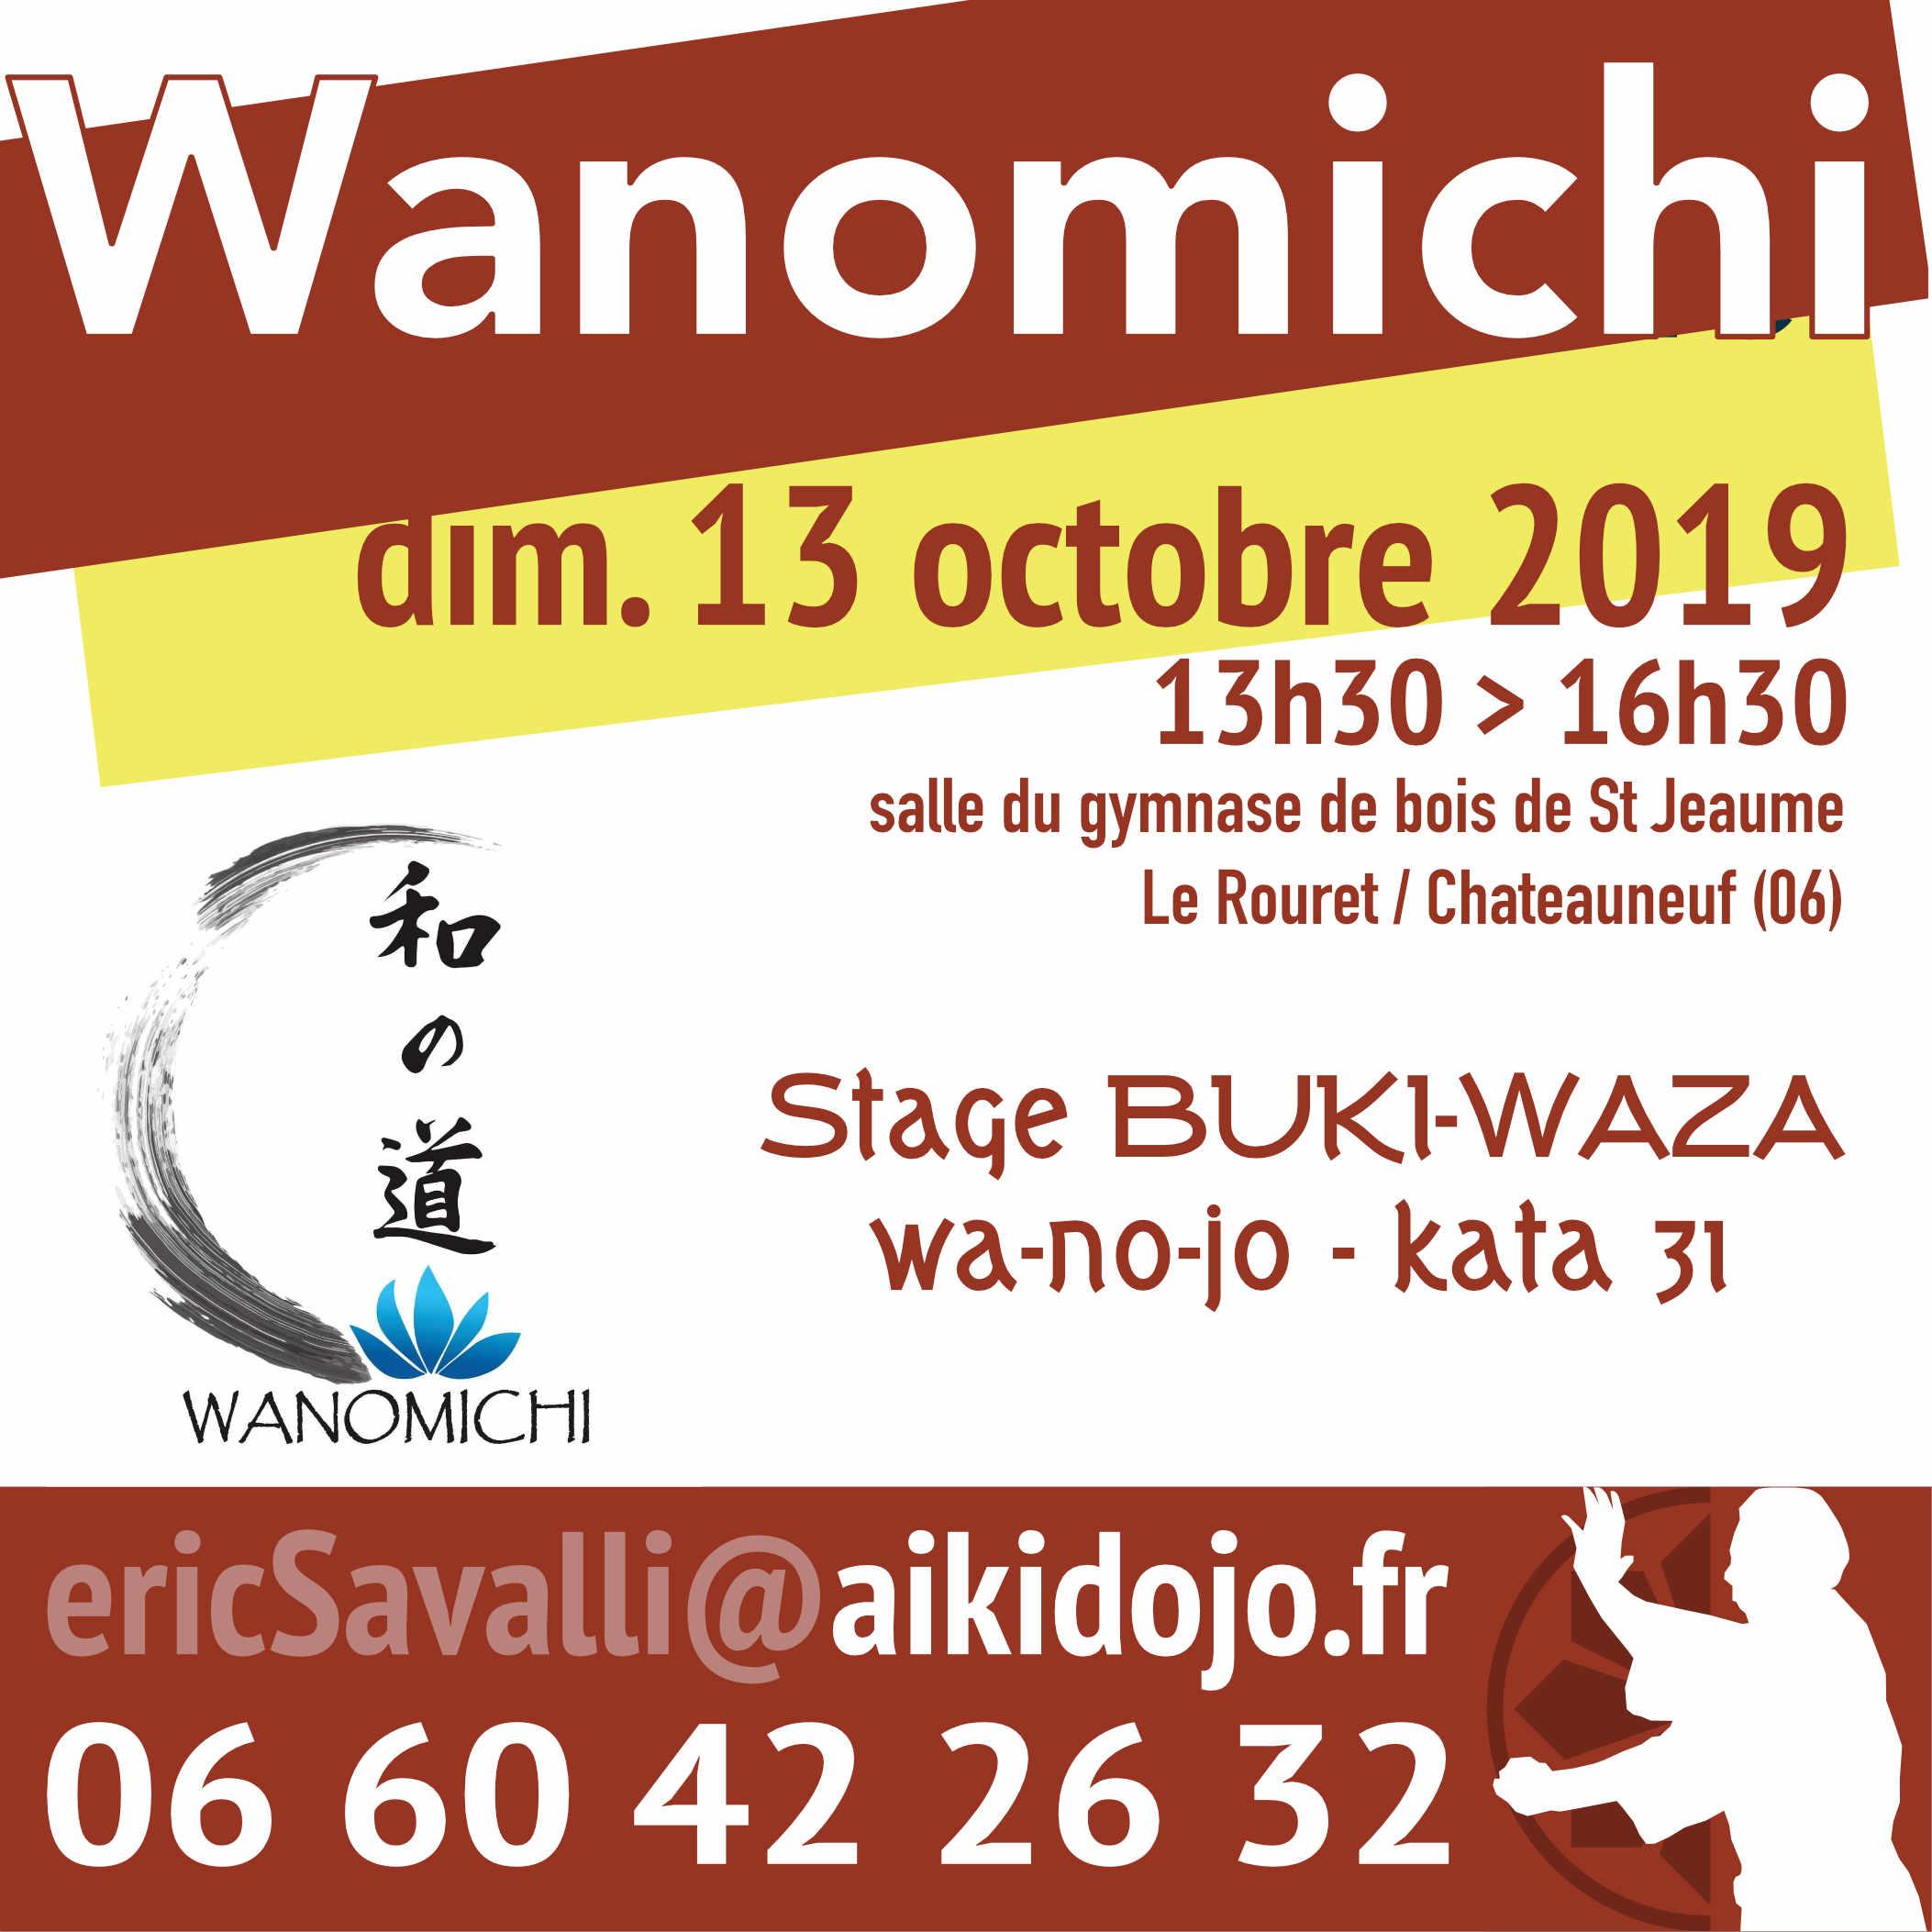 2019-10-stage-wanomichi-aikido